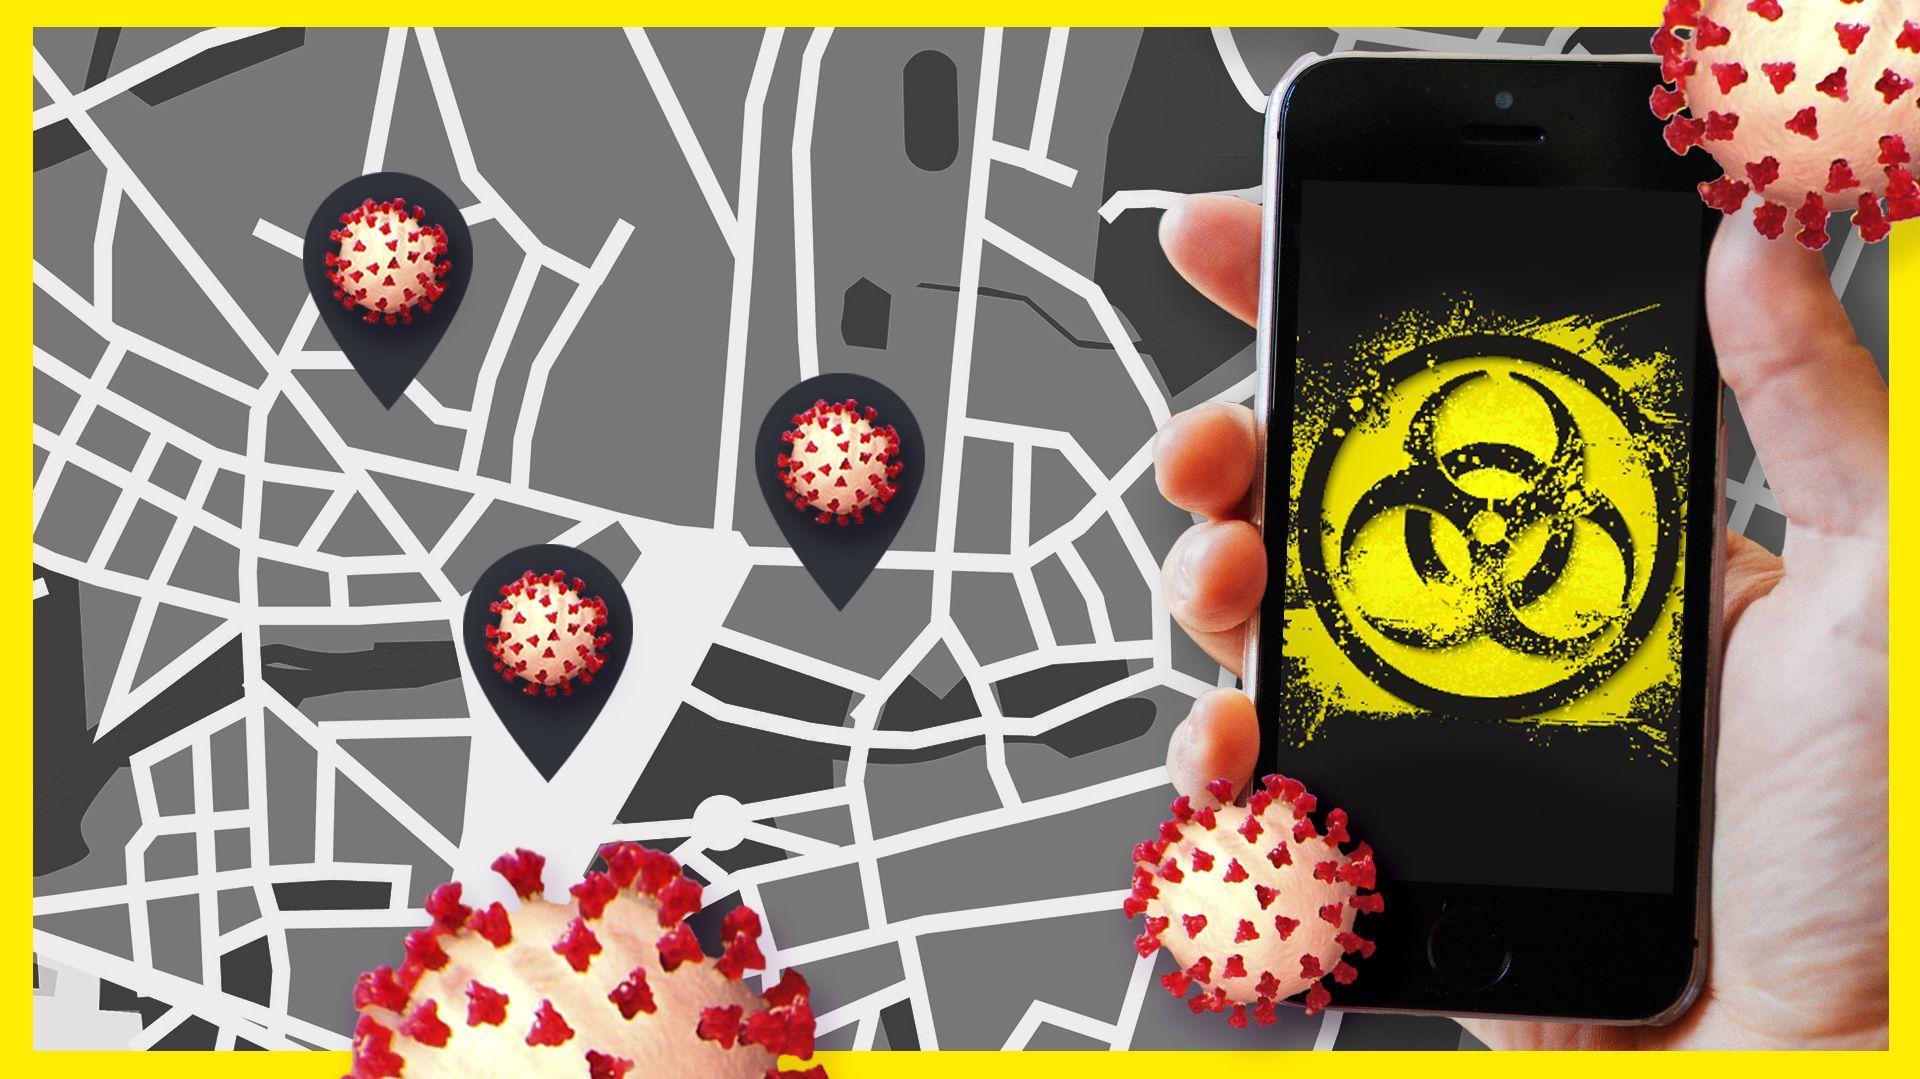 """Eine Hand hält ein Smartphone, auf dem Display ist ein verwaschenes """"Bio-Hazard""""-Symbol zu sehen. Dahinter eine schematische Darstellung eines Straßennetzes mit Standort-Markierungen, die ein Virus in sich tragen."""